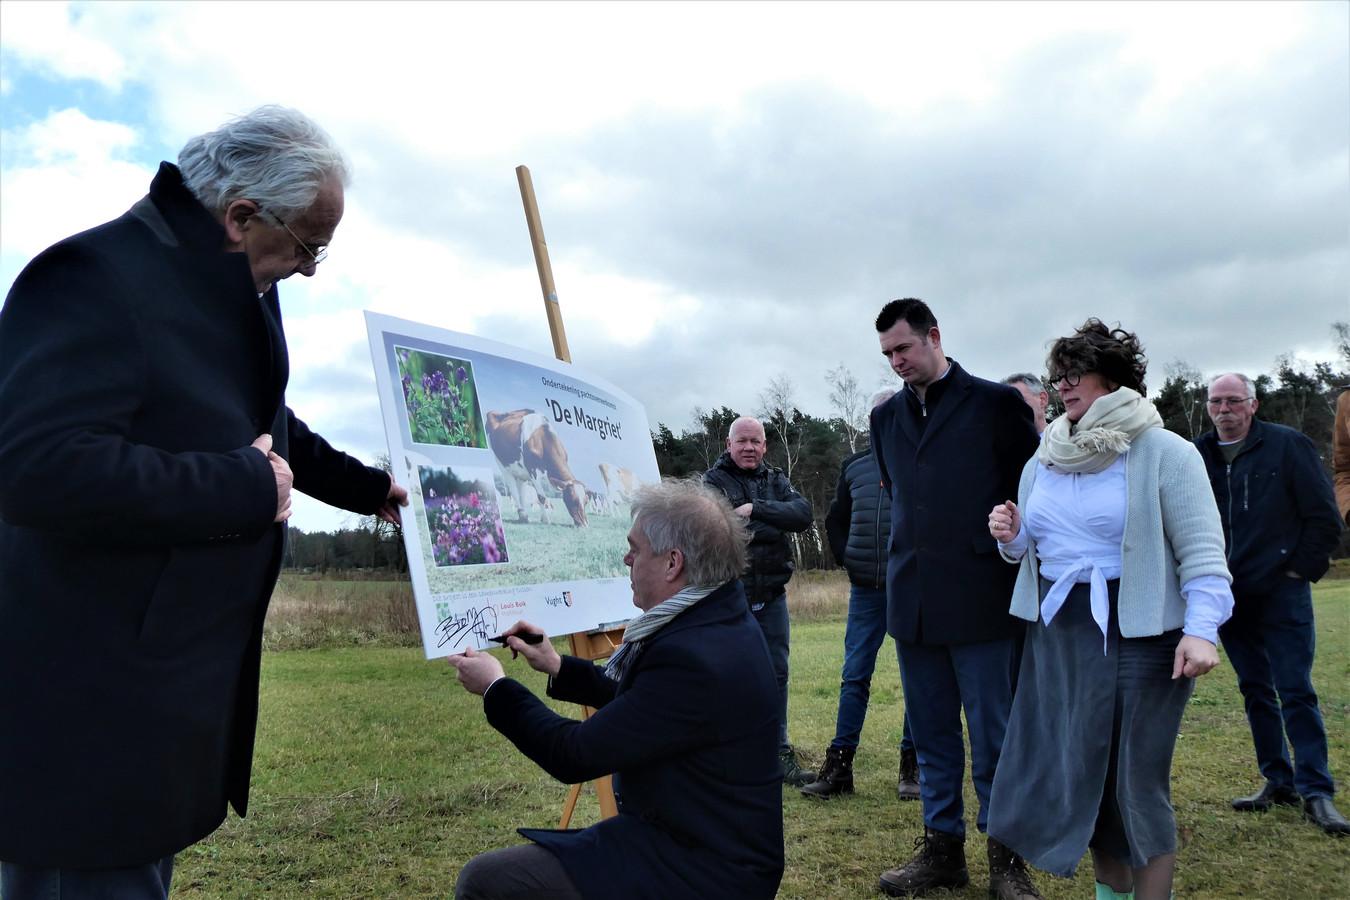 De pachtoverkeerkomst voor landbouwgrond in de Margriet wordt ondertekend door de gemeenten Haaren, Vught en alle argrariërs in het gebied (zestien). De landbouw slaat een duurzame weg in.